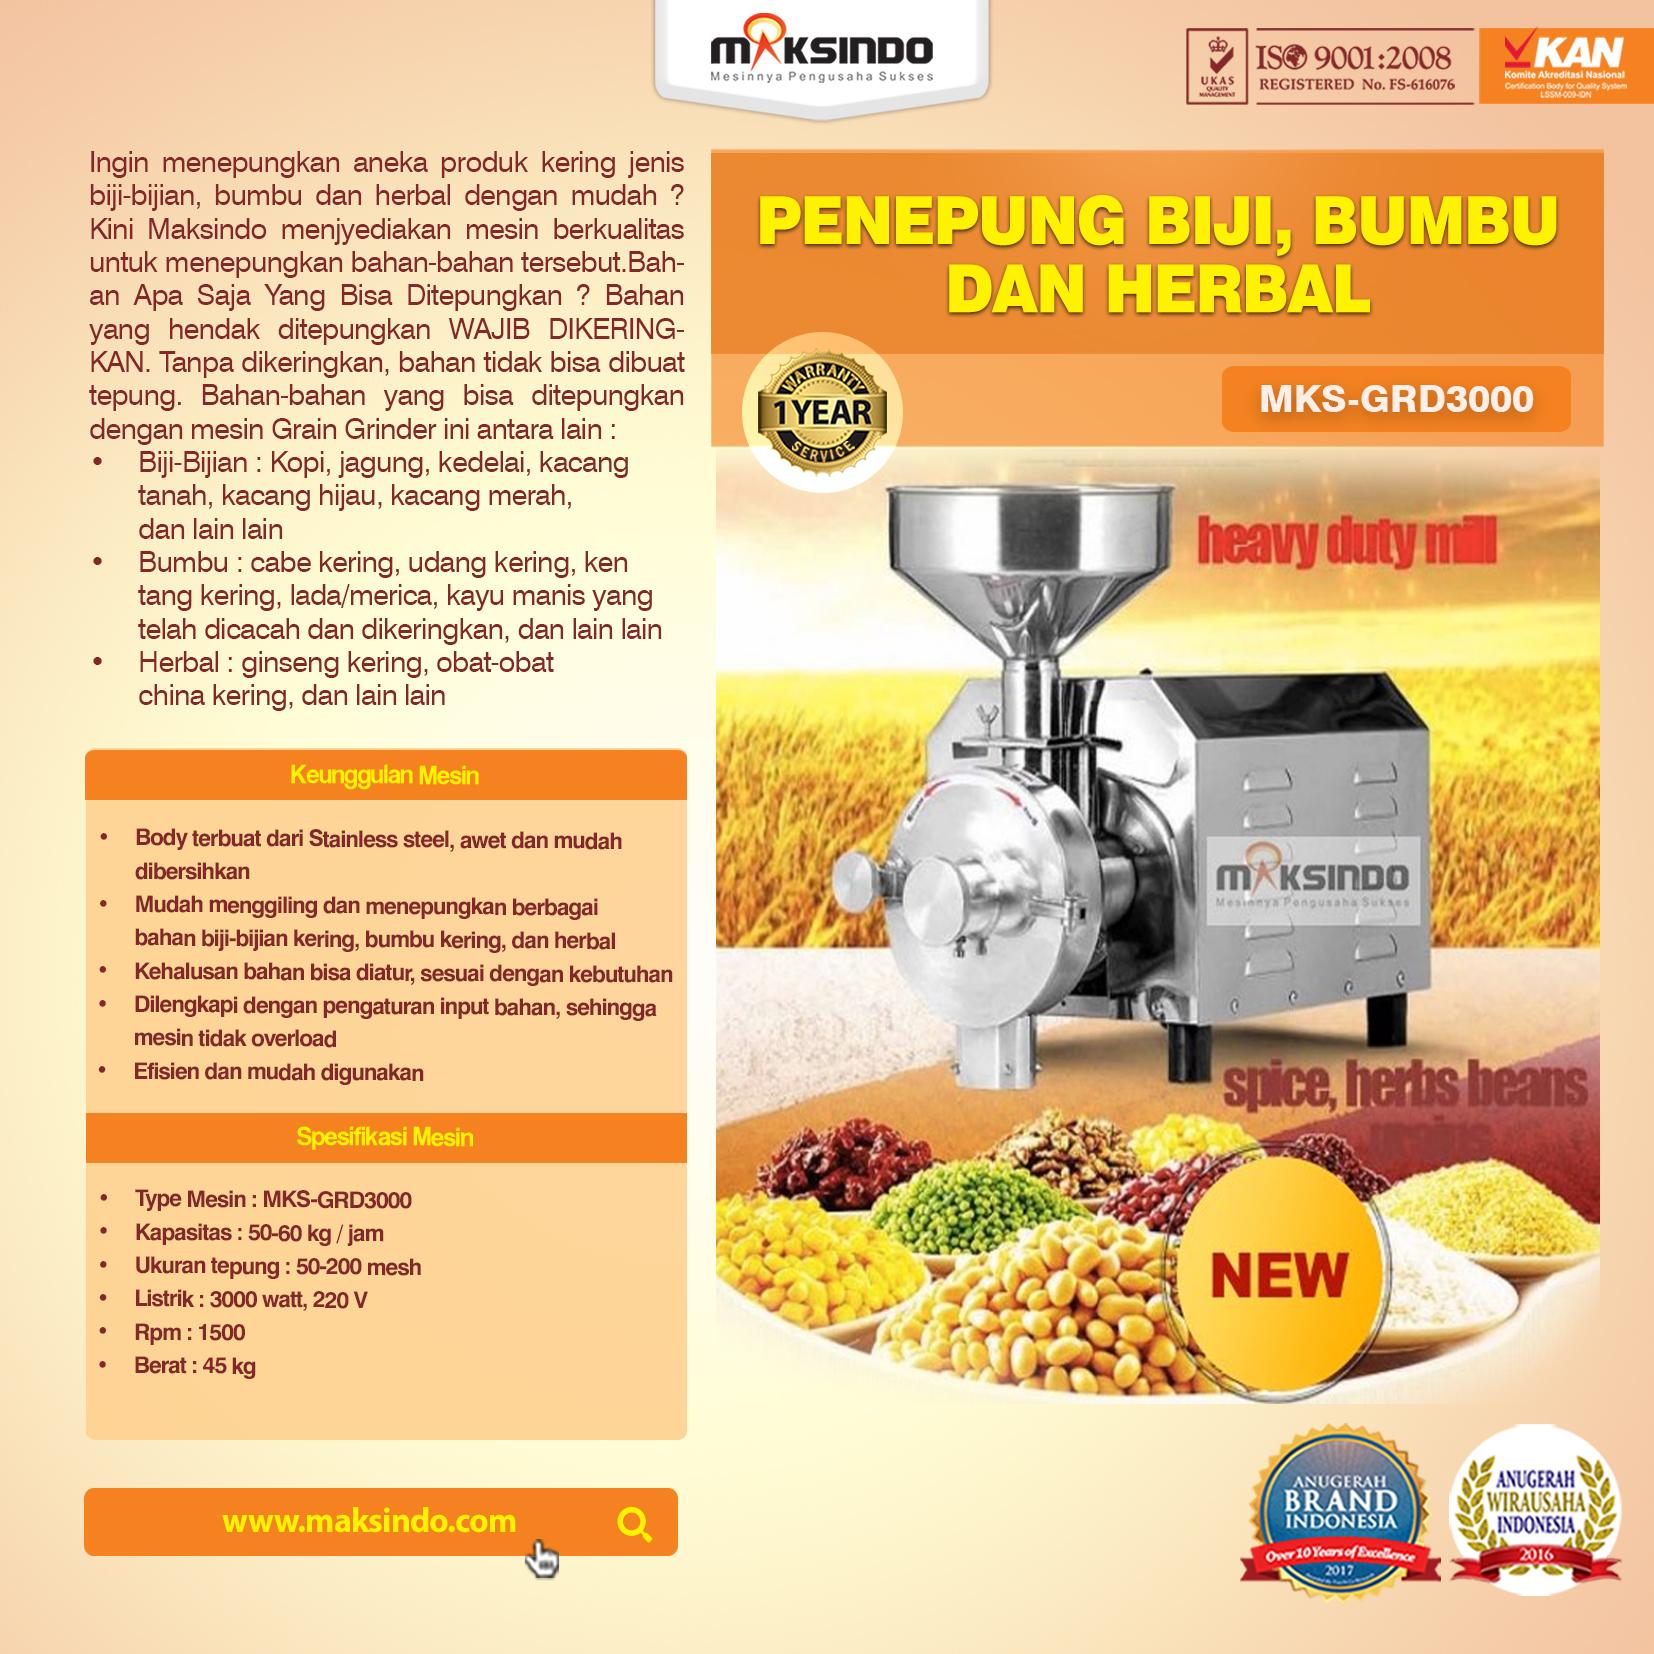 mesin Penepung Biji, Bumbu dan Herbal MKS-GRD3000